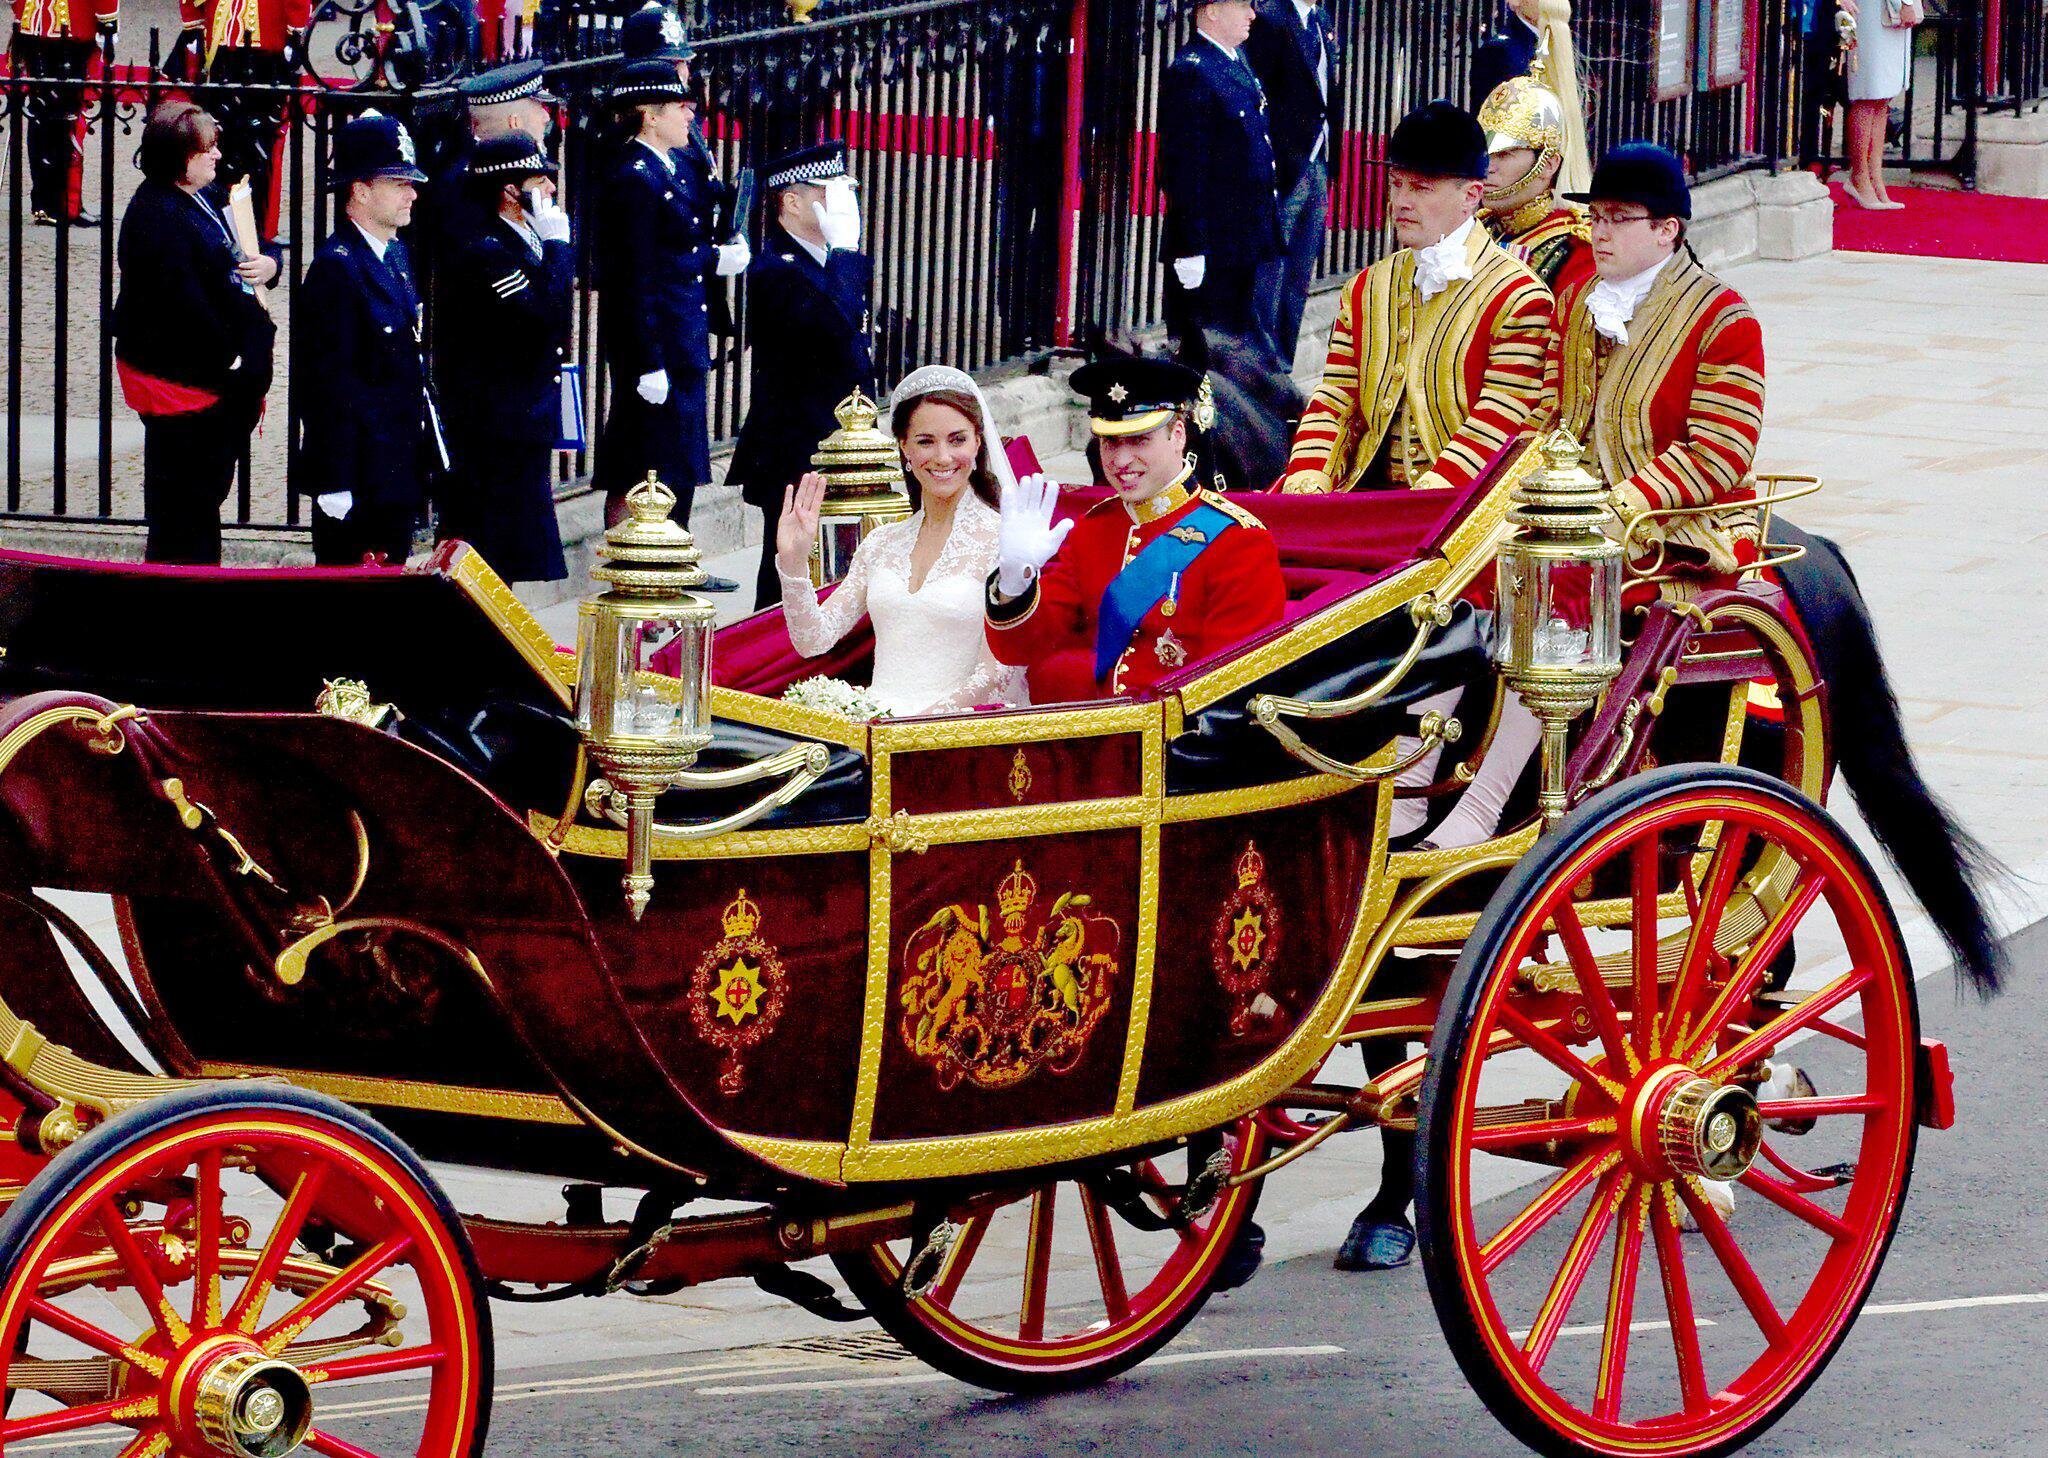 Harry Und Meghan Wahlen Offene Kutsche Fur Hochzeitsprozession Gmx